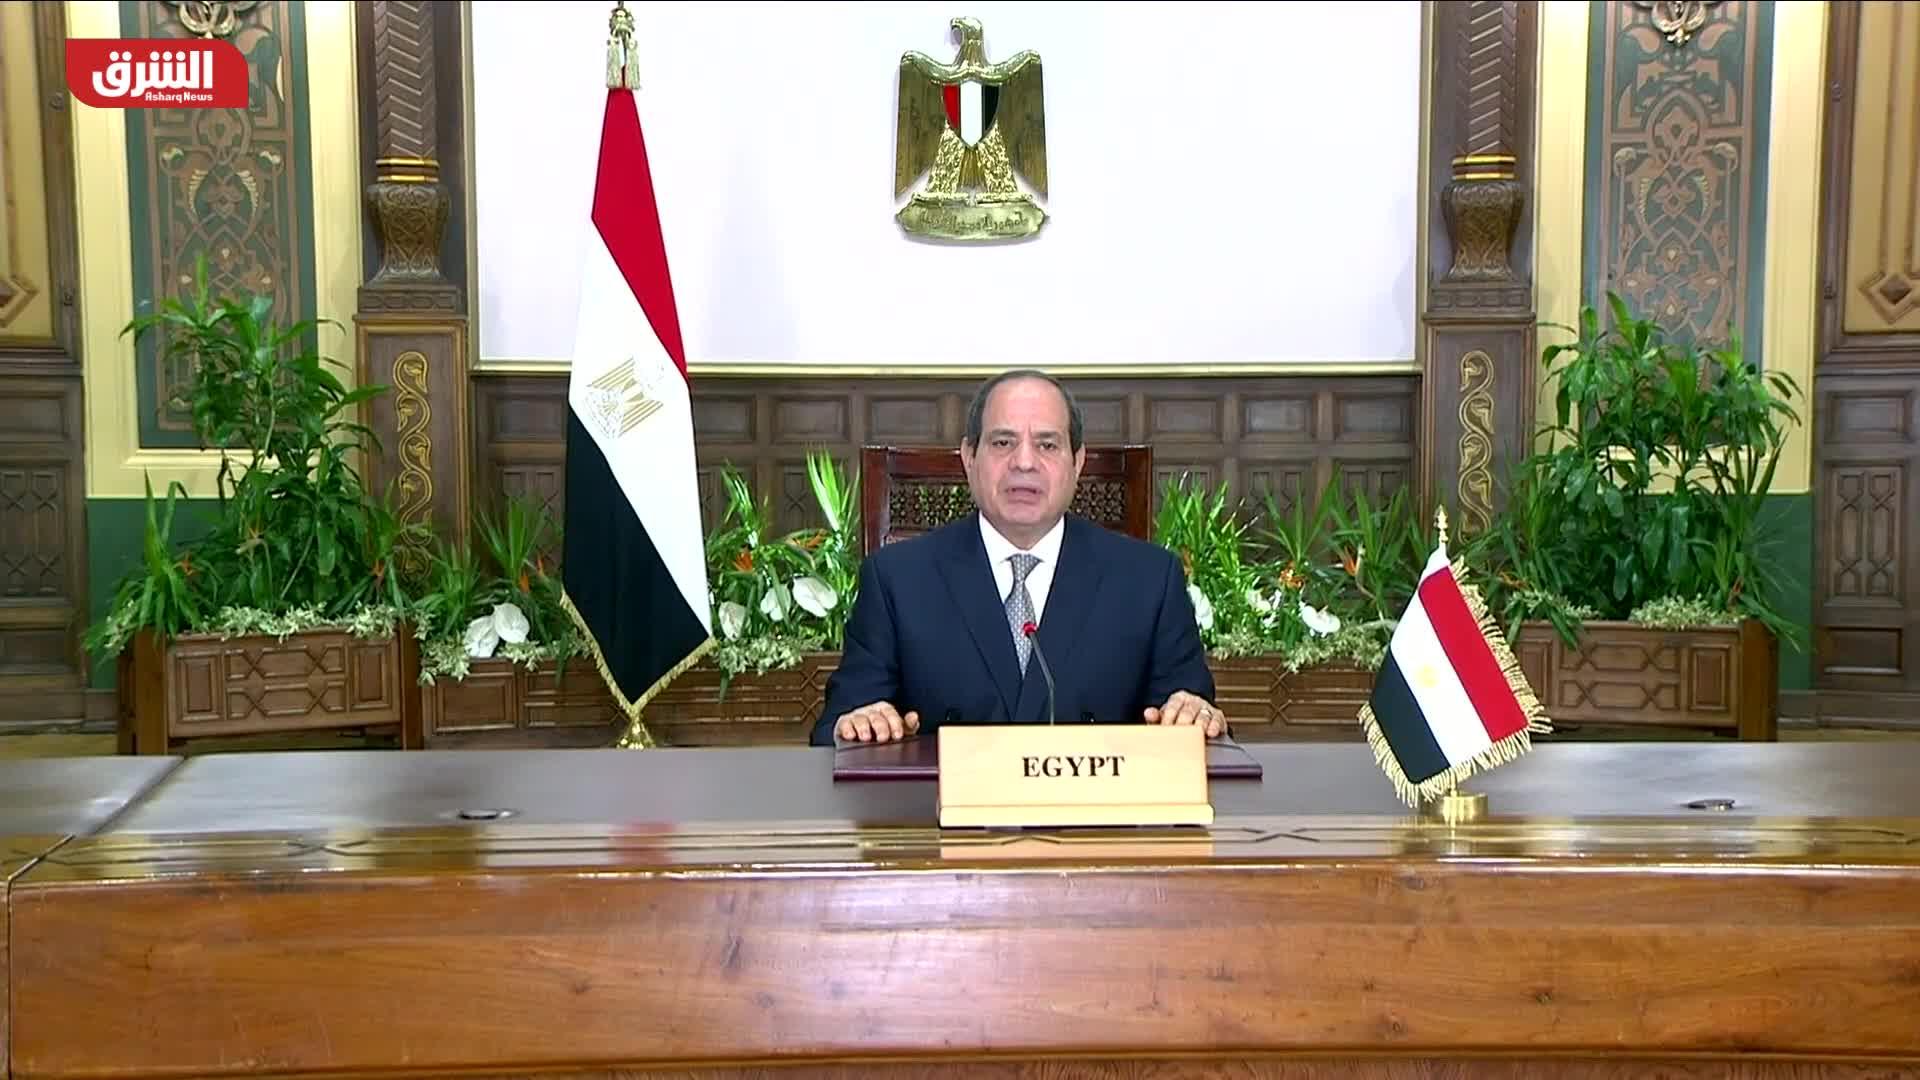 كلمة الرئيس المصري أمام الجمعية العامة للأمم المتحدة